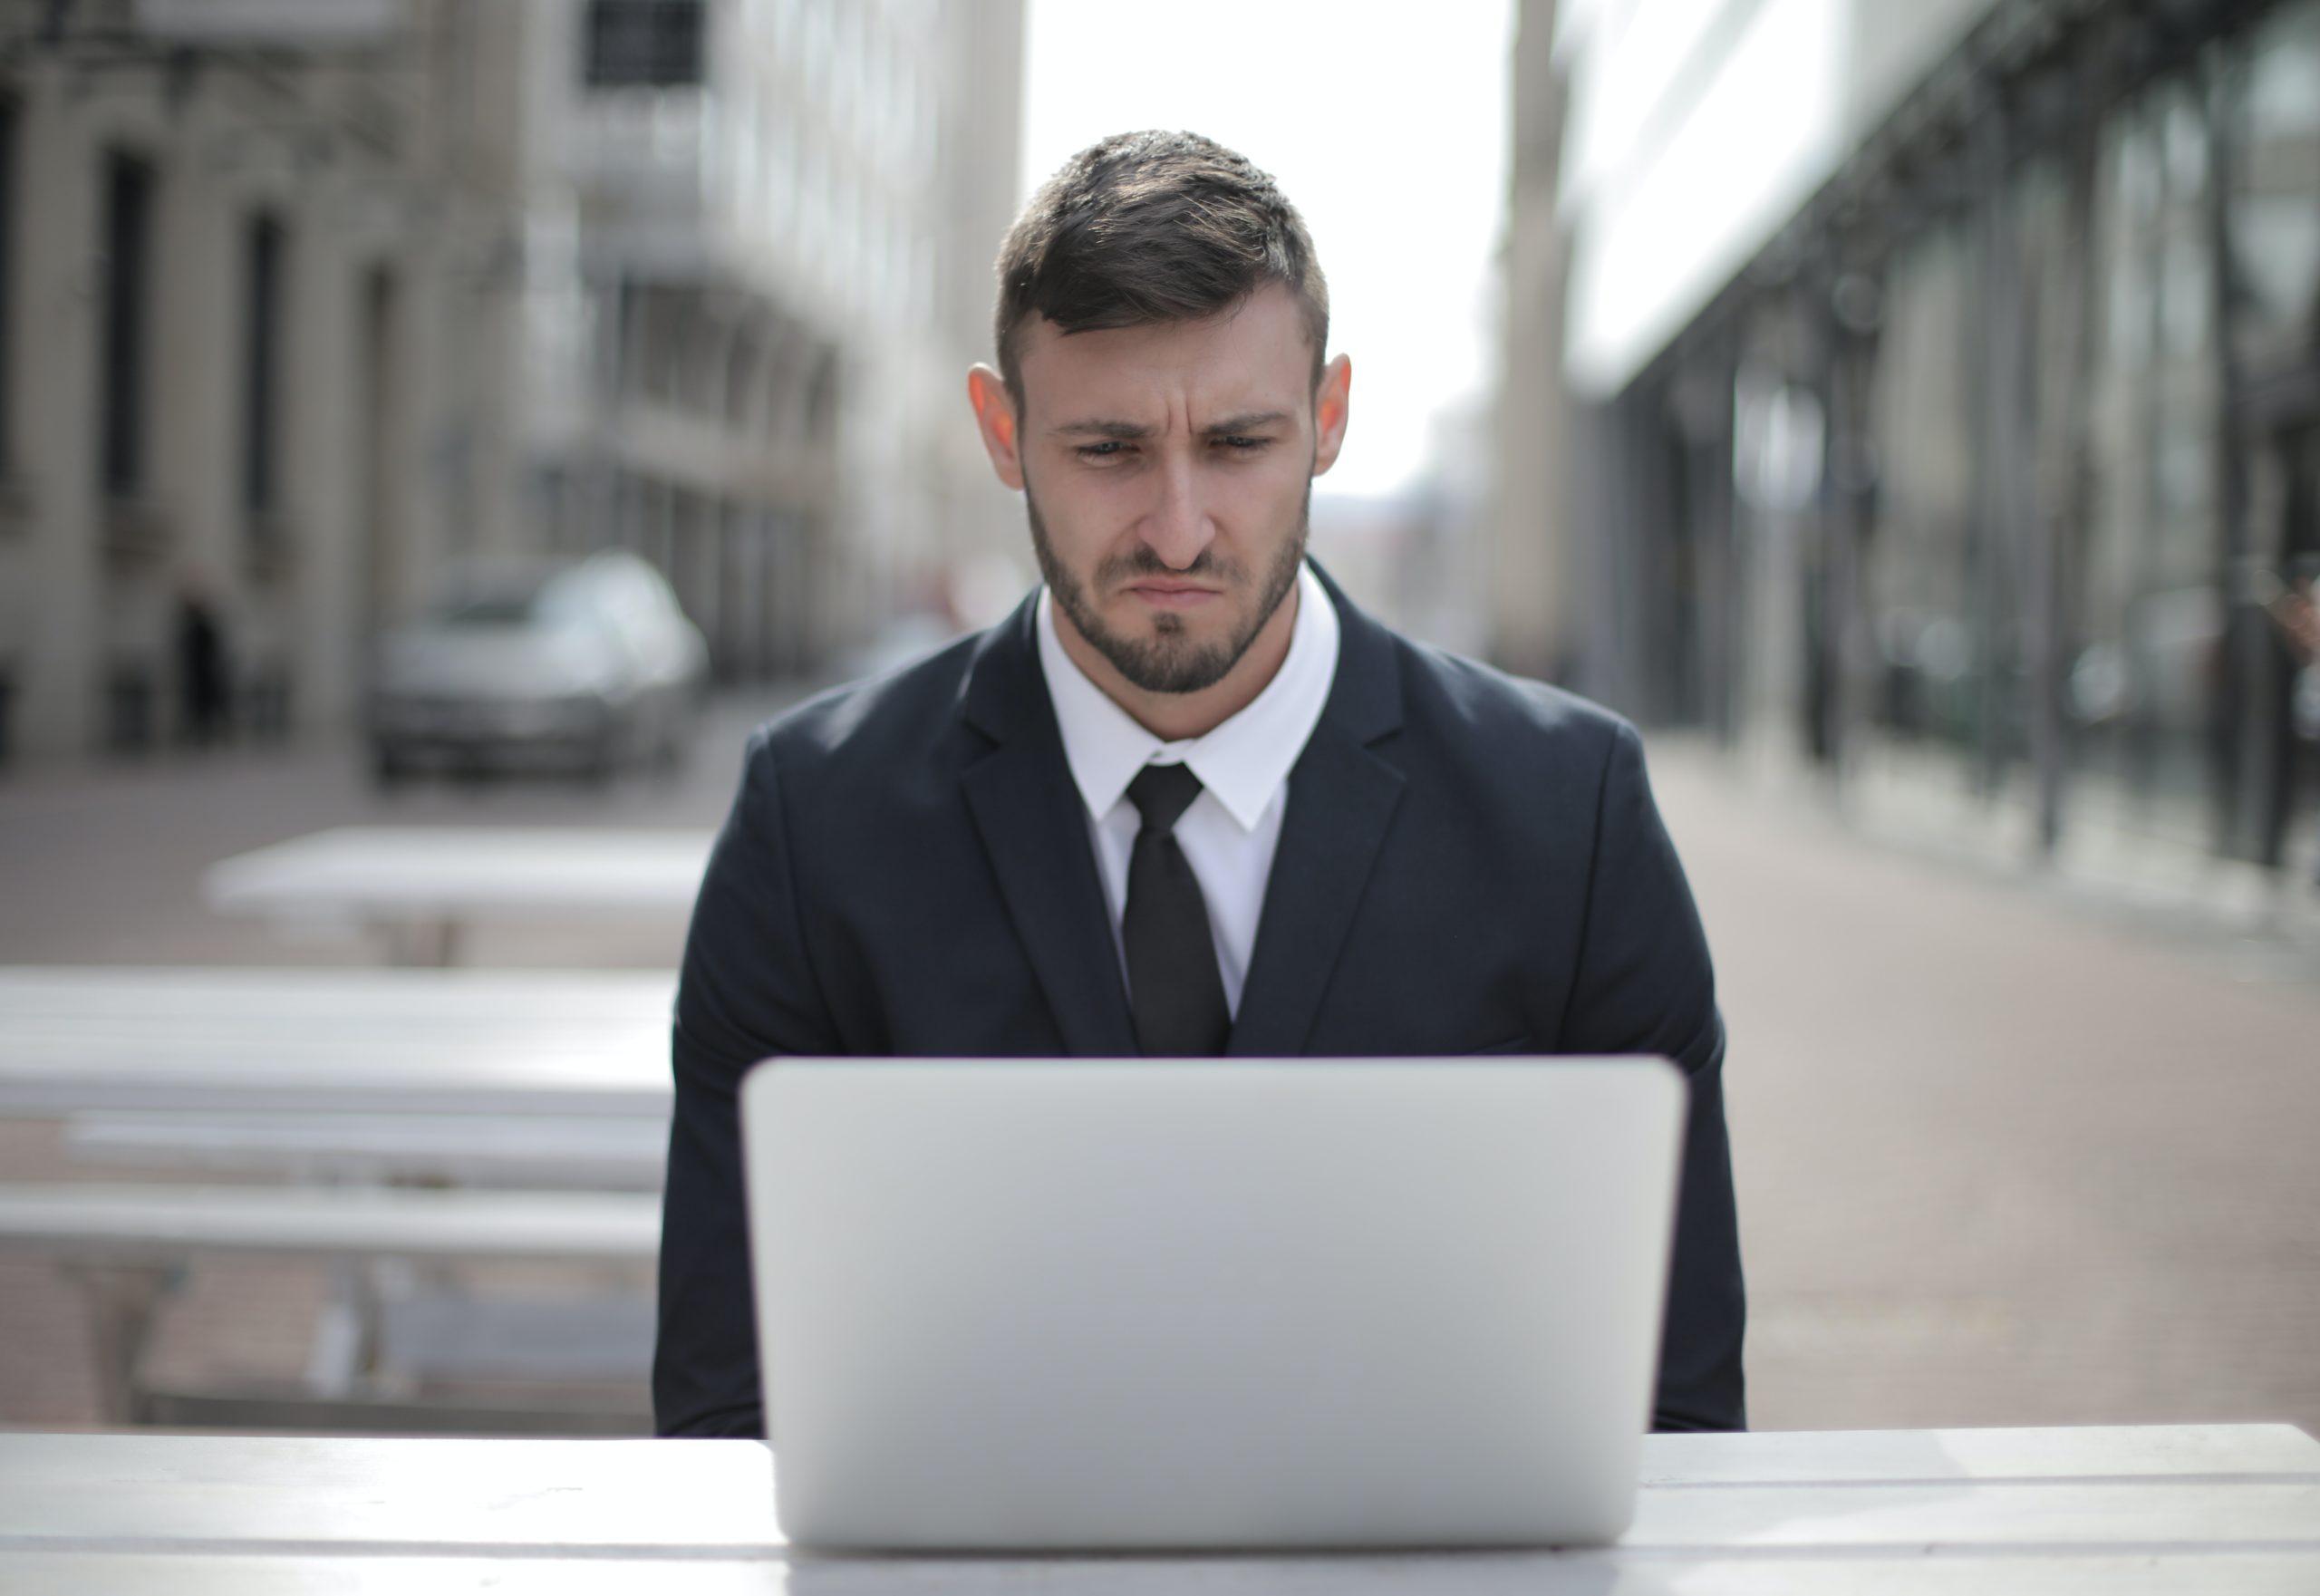 Quali sono le attività fondamentali per la sicurezza informatica personale?